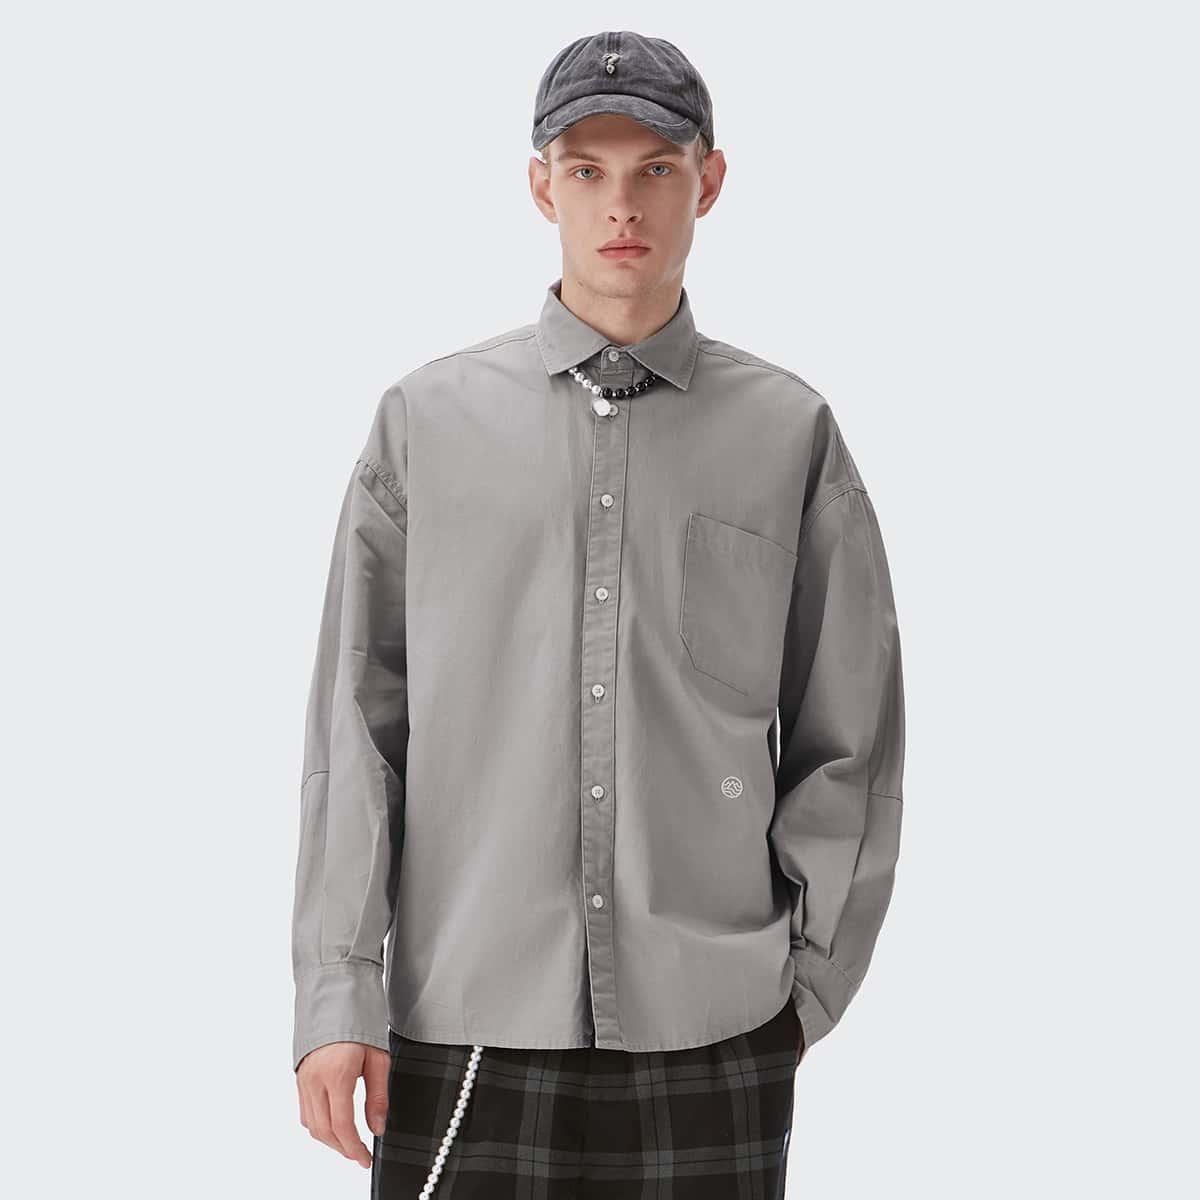 Мужской Рубашка с карманом узором вышивкой